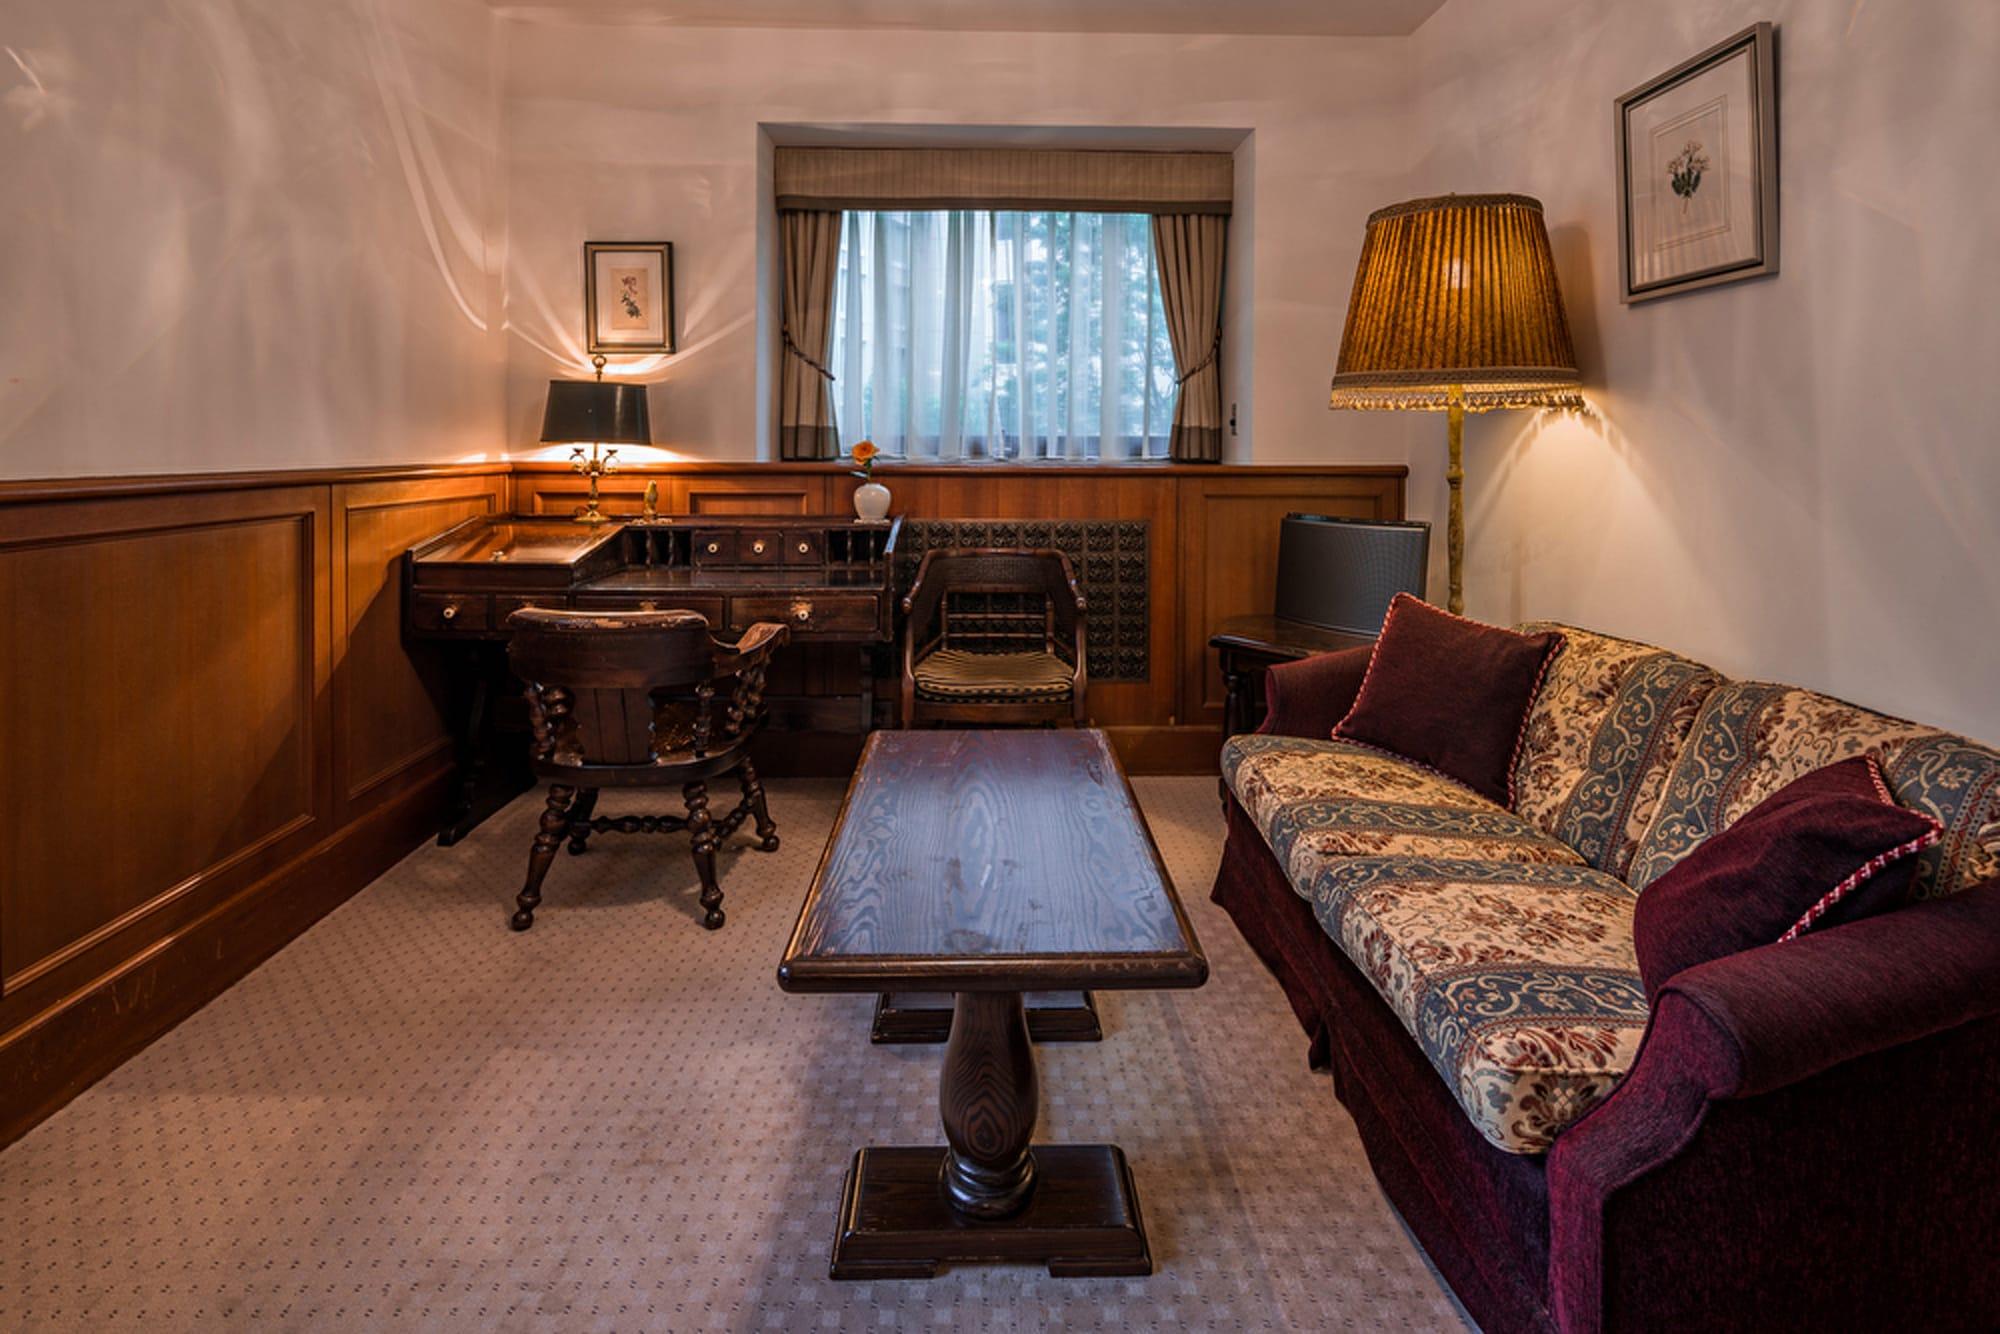 スイートルーム501号室。客室は、40年前の前回改修時のコンセプトをよく守り、今回のリニューアルでも手を加えていない。多くの文豪に好まれたままであるのがうれしい。1~2名 45,000円(税・サービス料別)